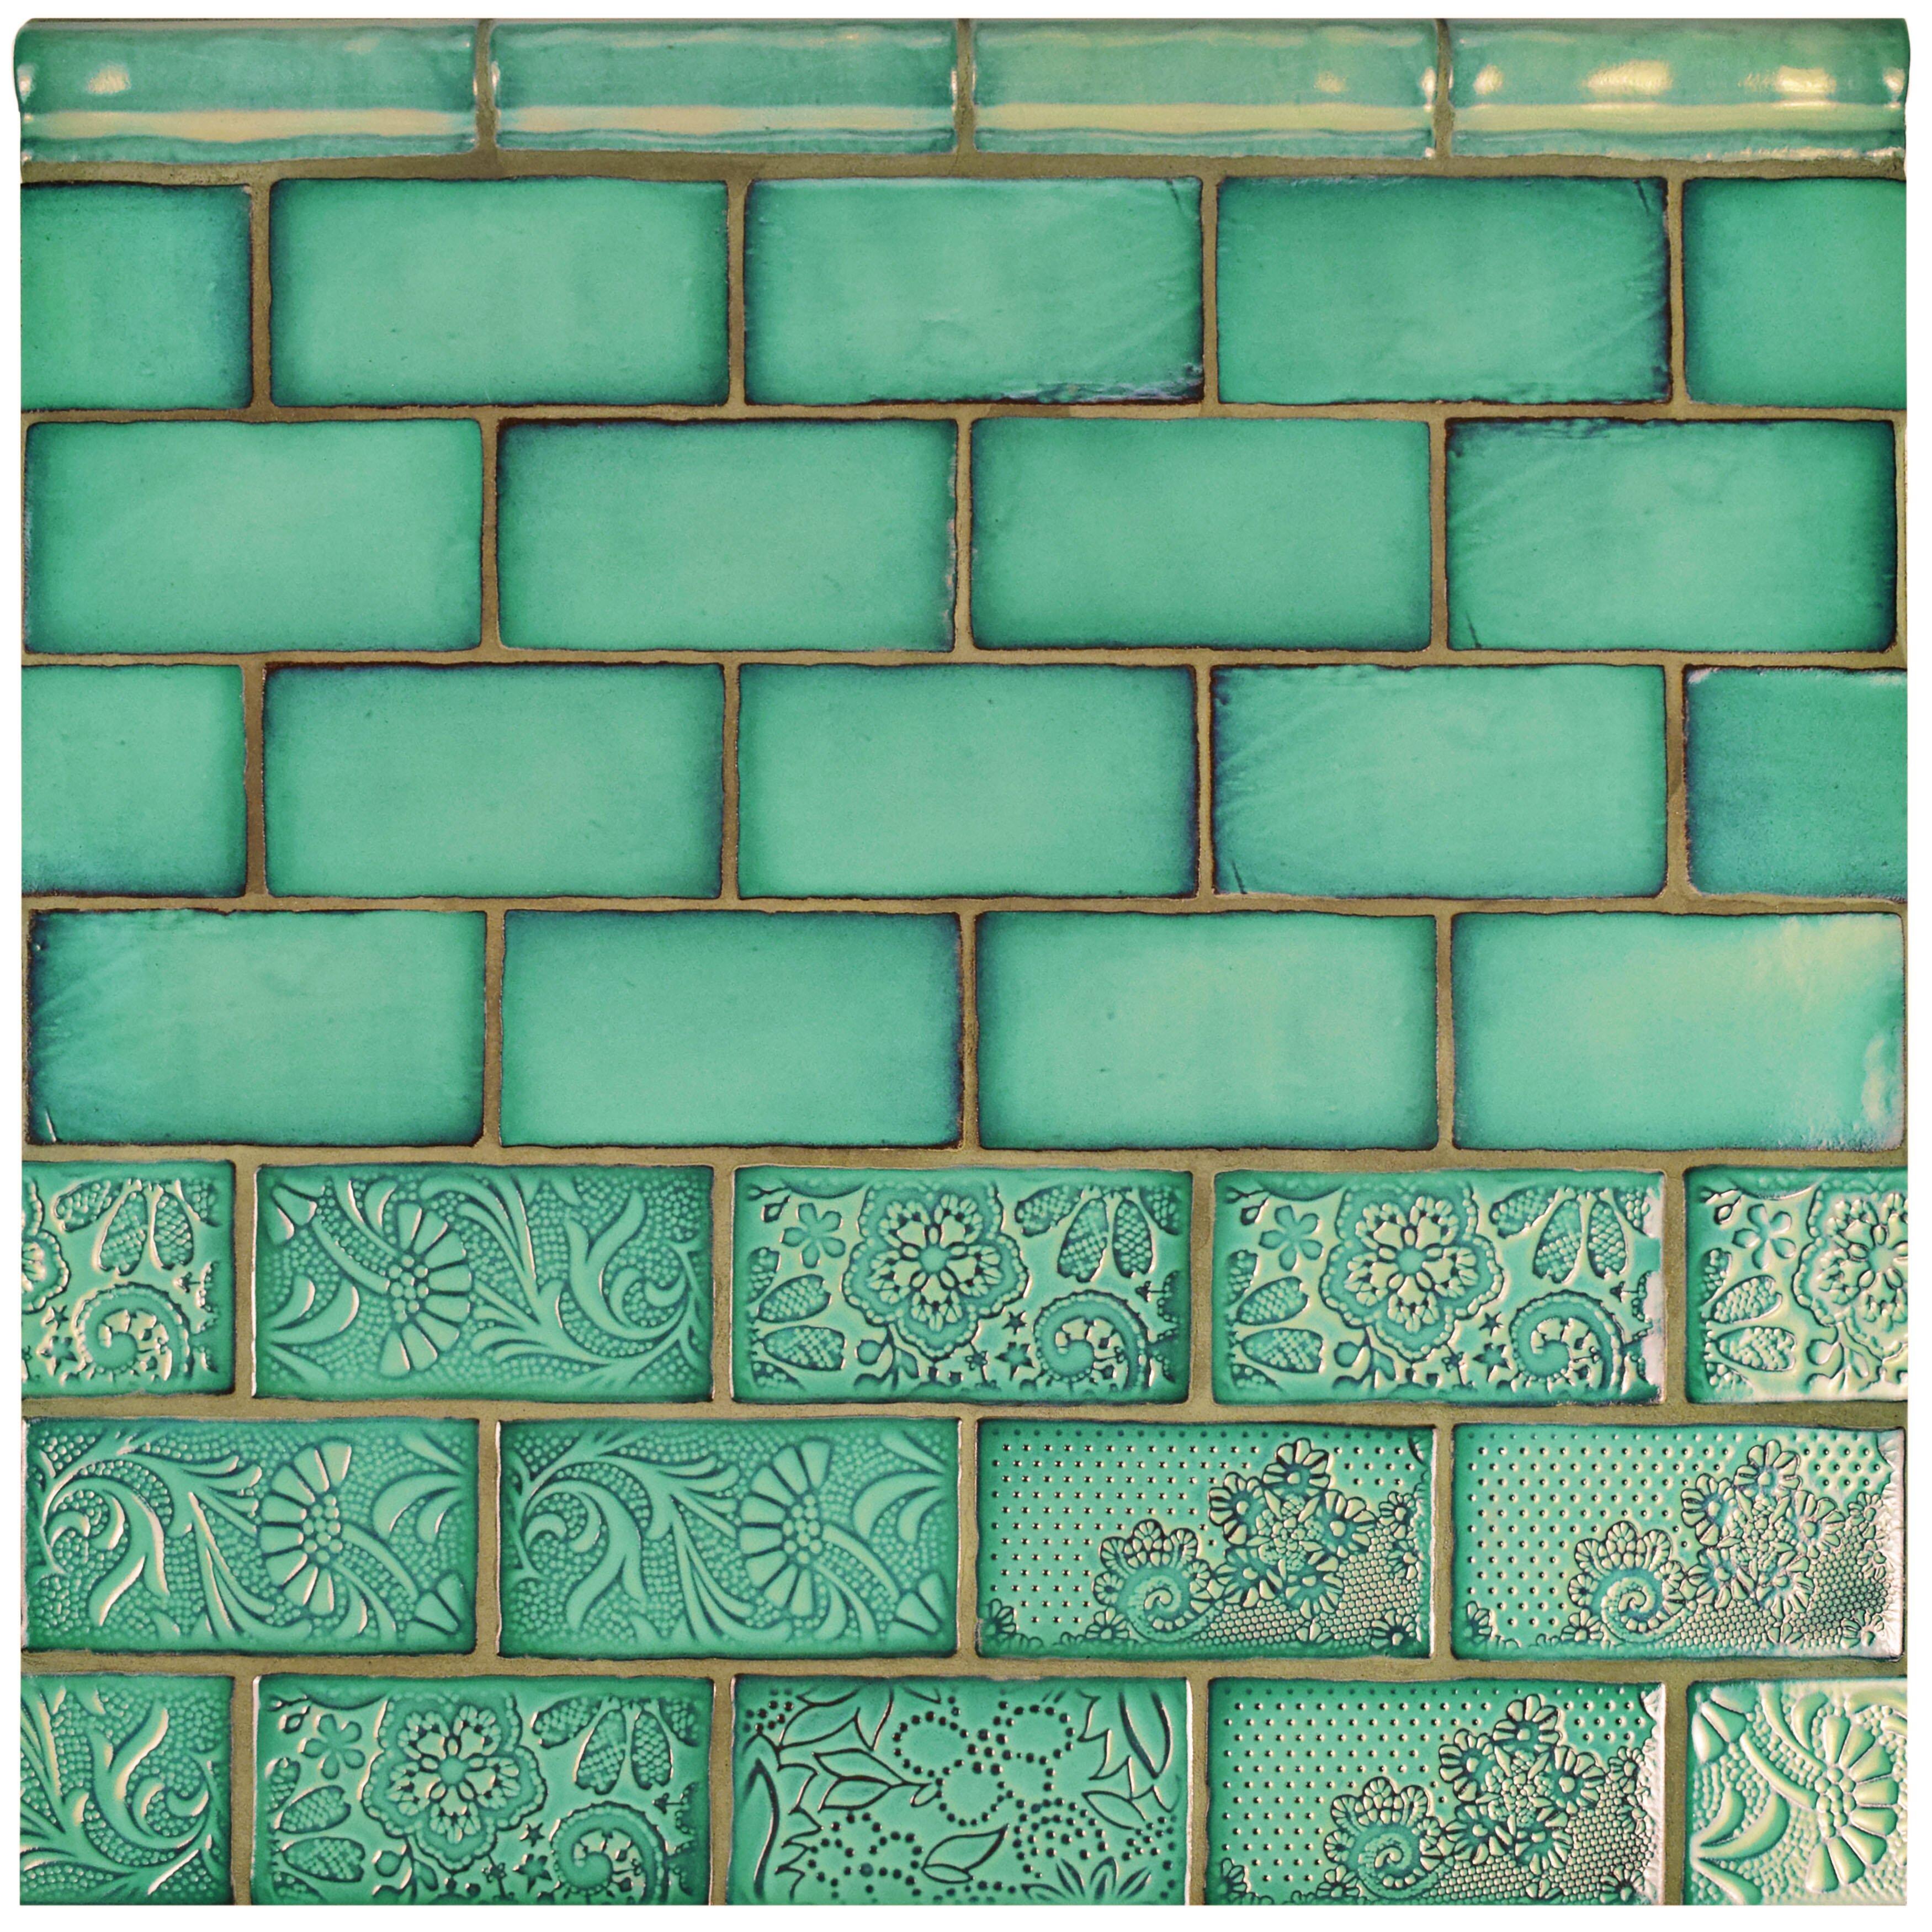 Elitetile Antiqua 3 Quot X 6 Quot Ceramic Subway Tile In Feelings